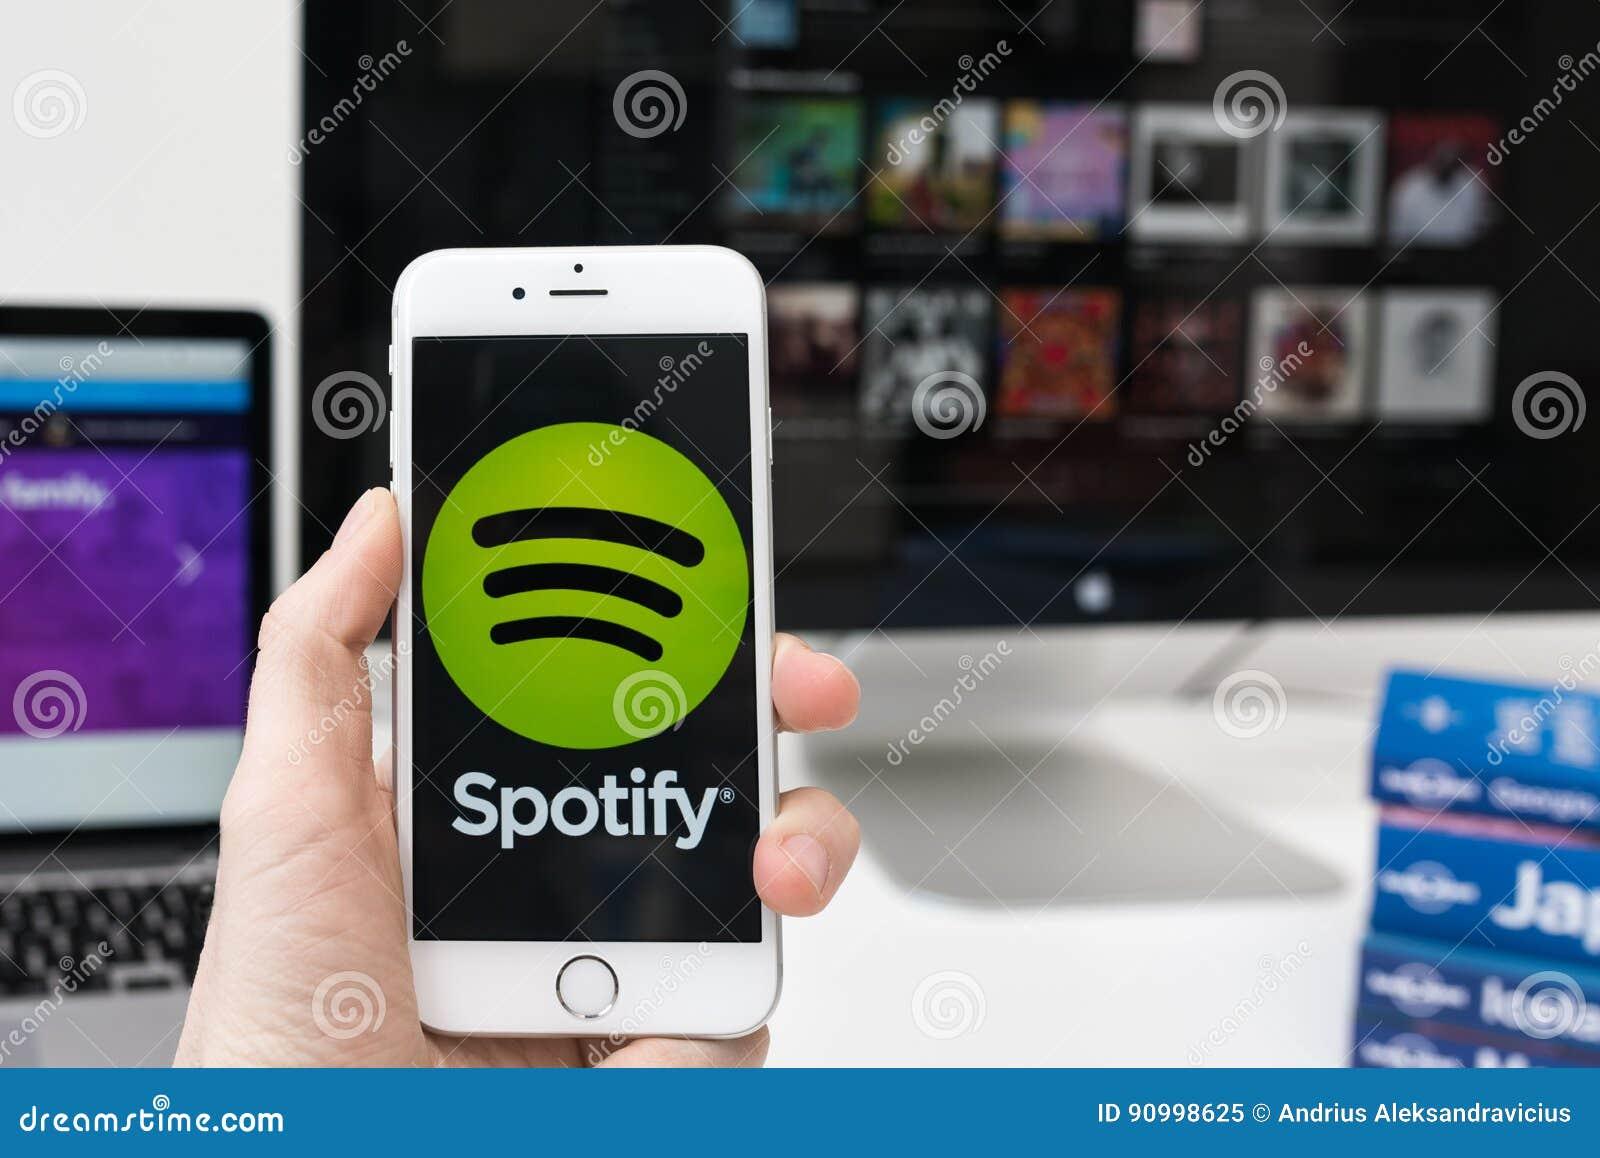 Логотип Spotify app на экране smartphone